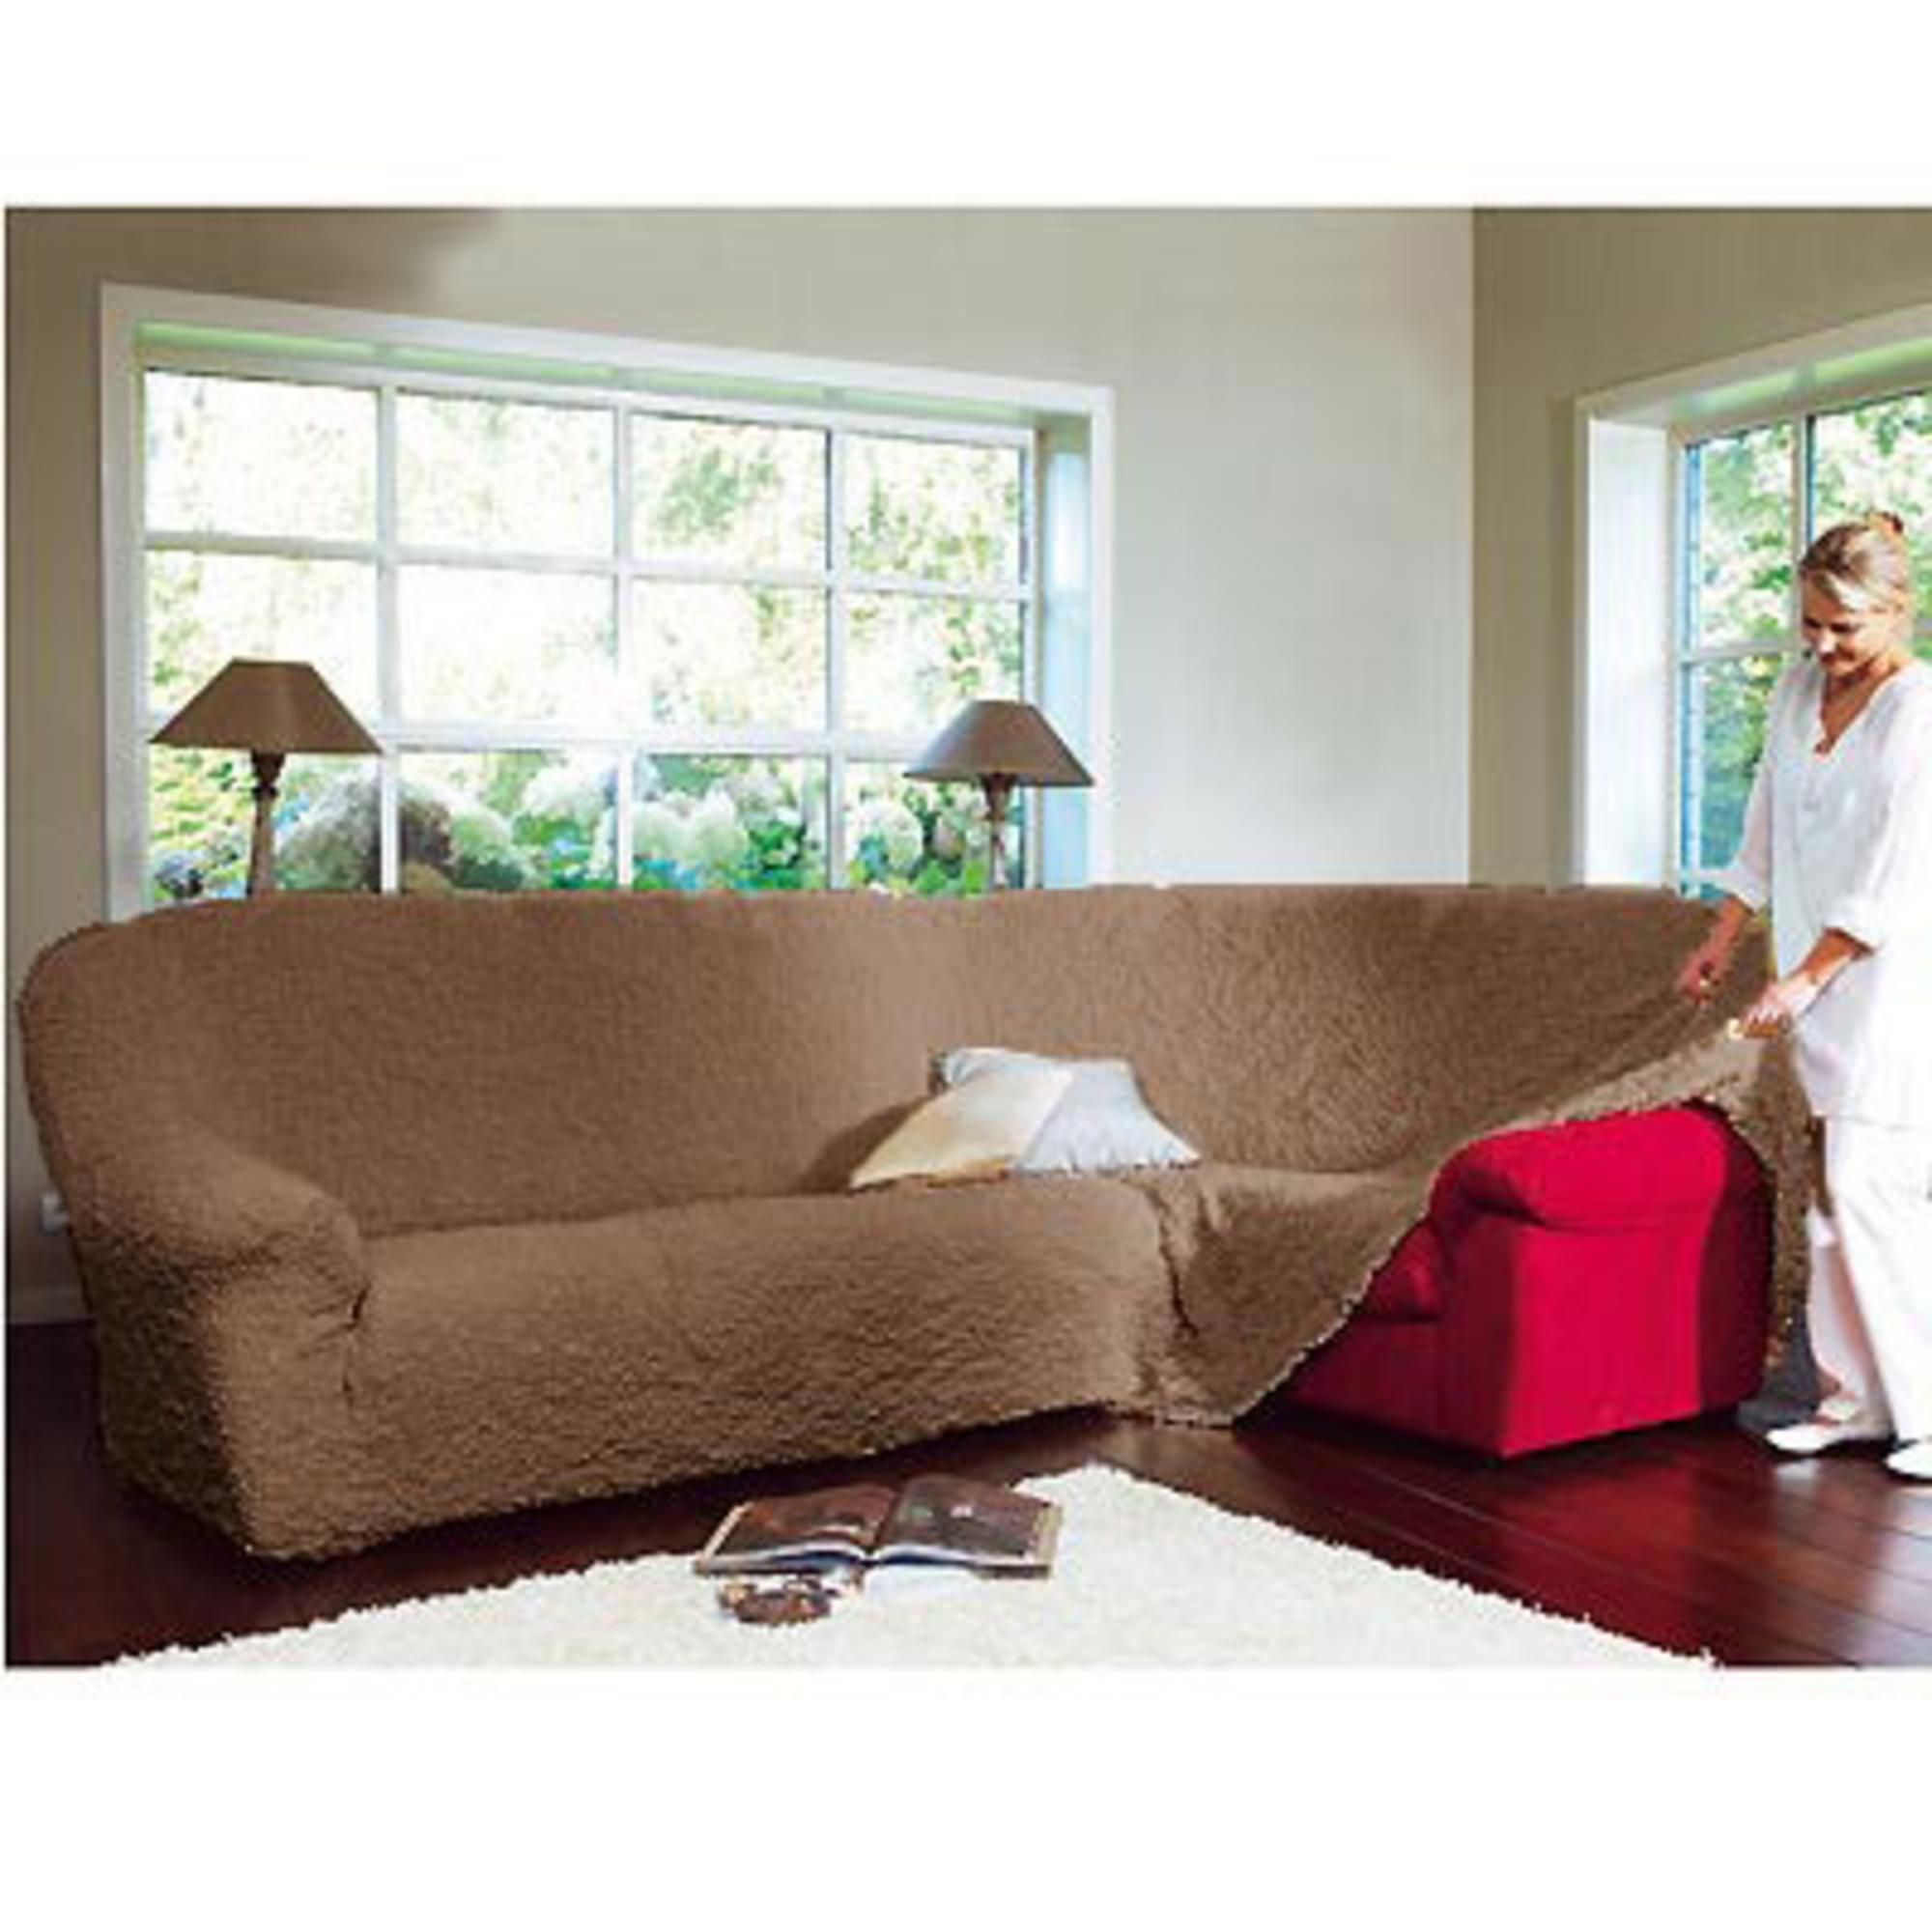 canap d 39 angle clic clac conforama maison et mobilier d. Black Bedroom Furniture Sets. Home Design Ideas